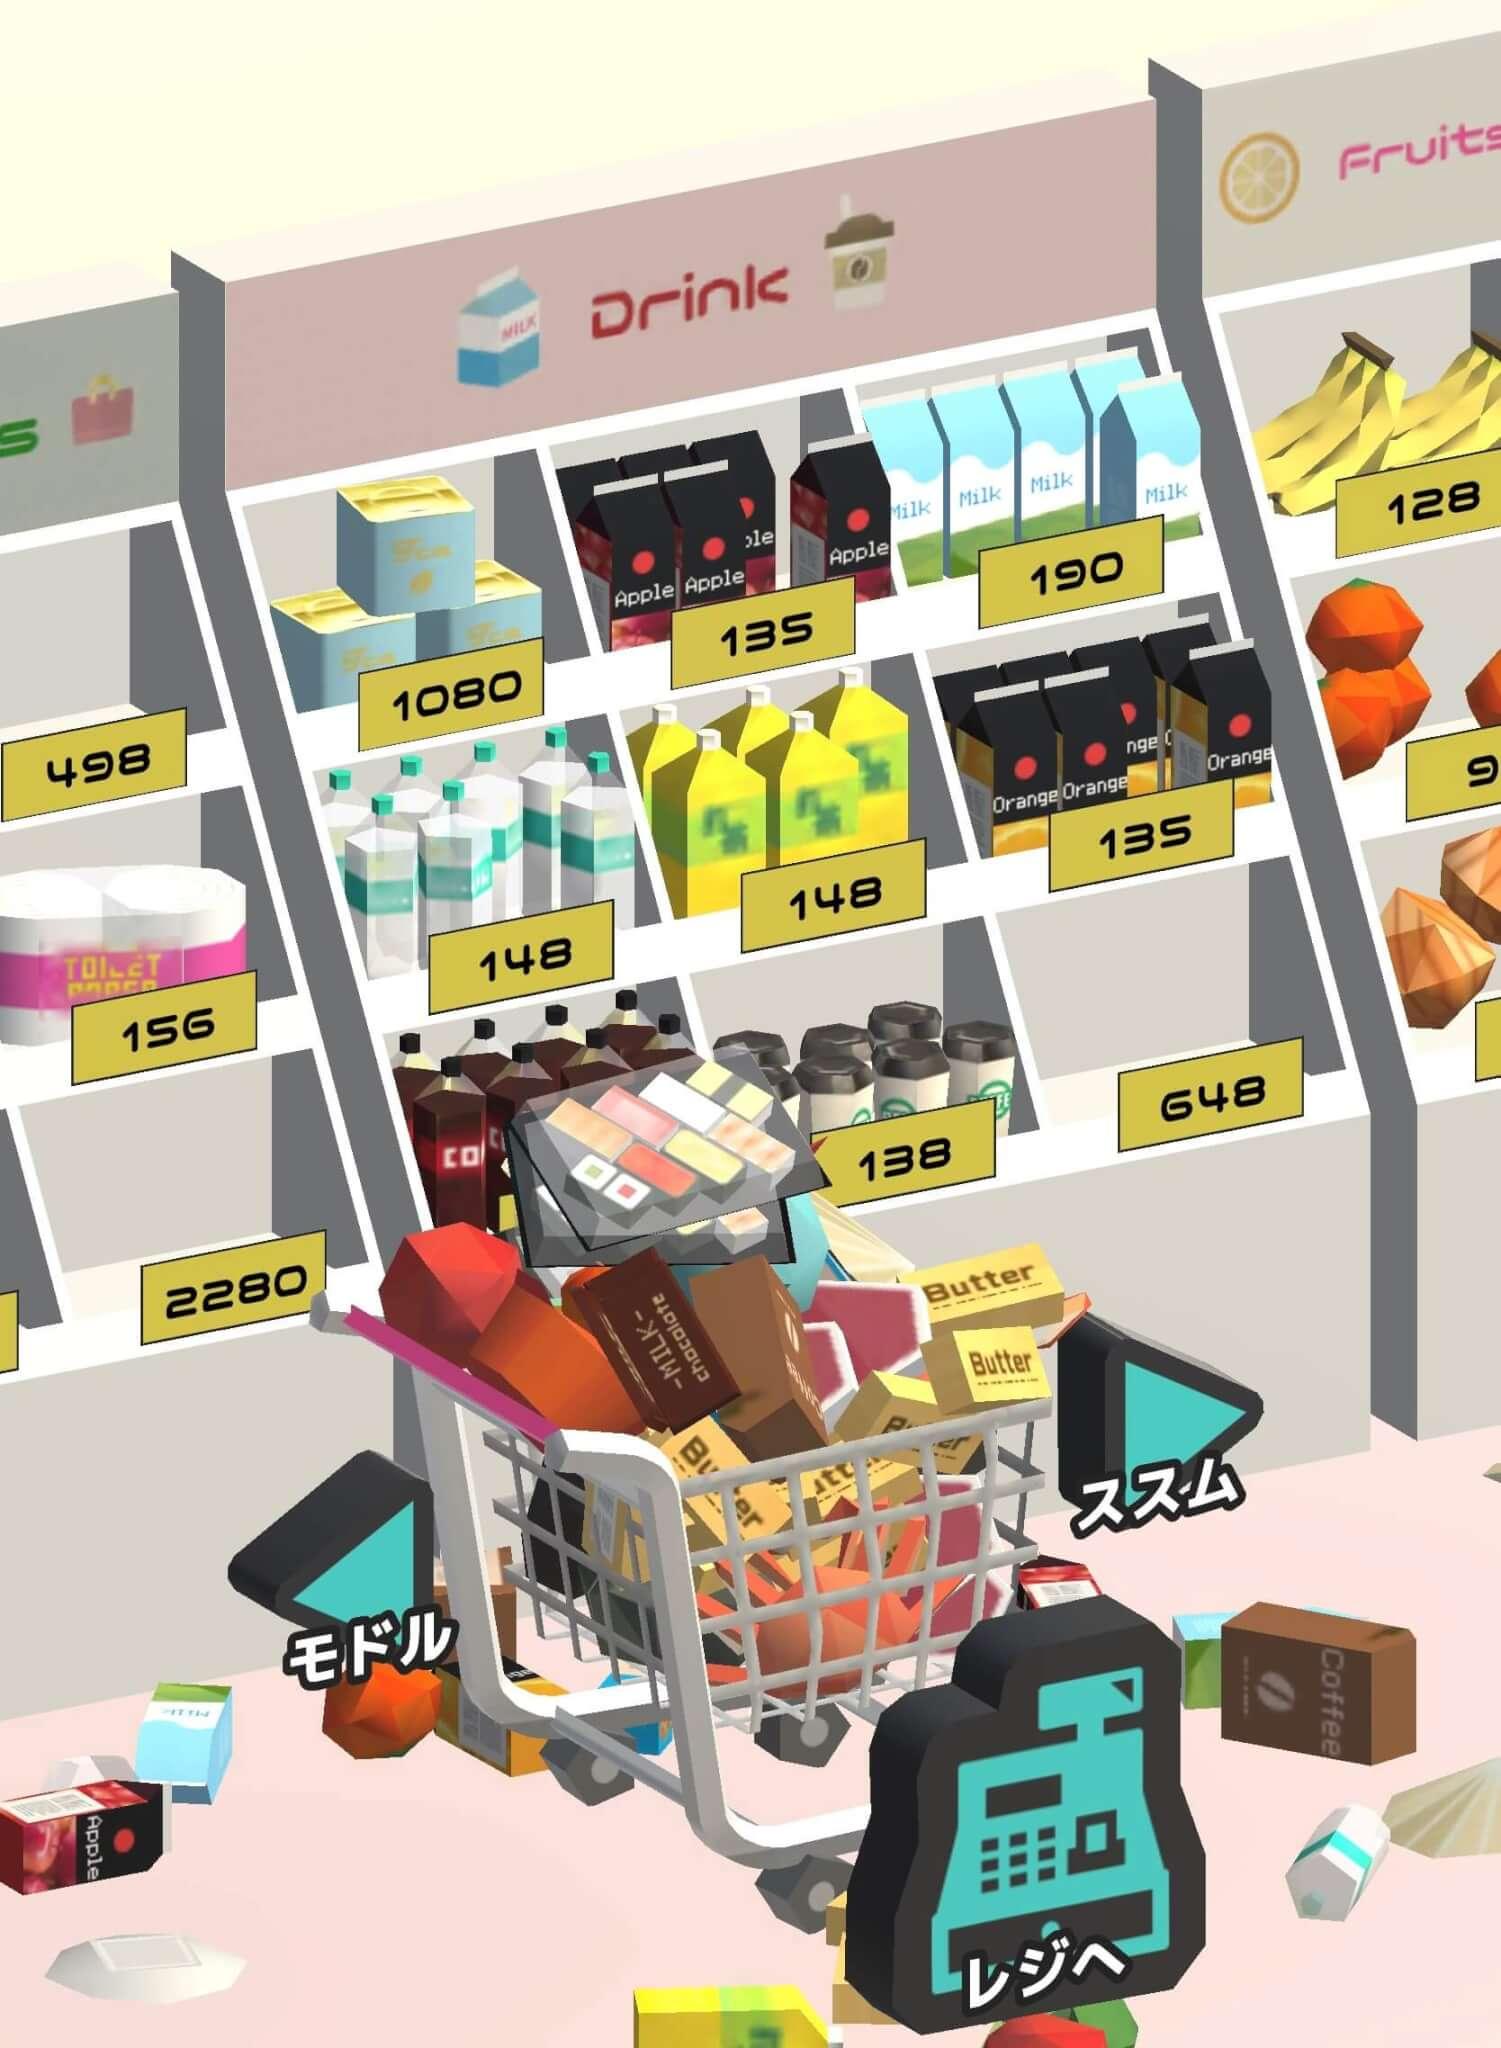 売り場の床に大量の商品が散らばってしまった